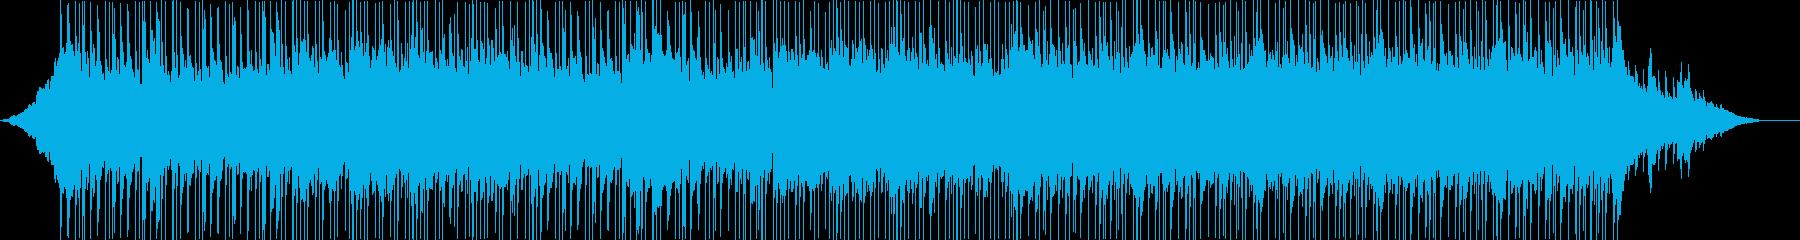 インストルメンタルライトロック。ピ...の再生済みの波形